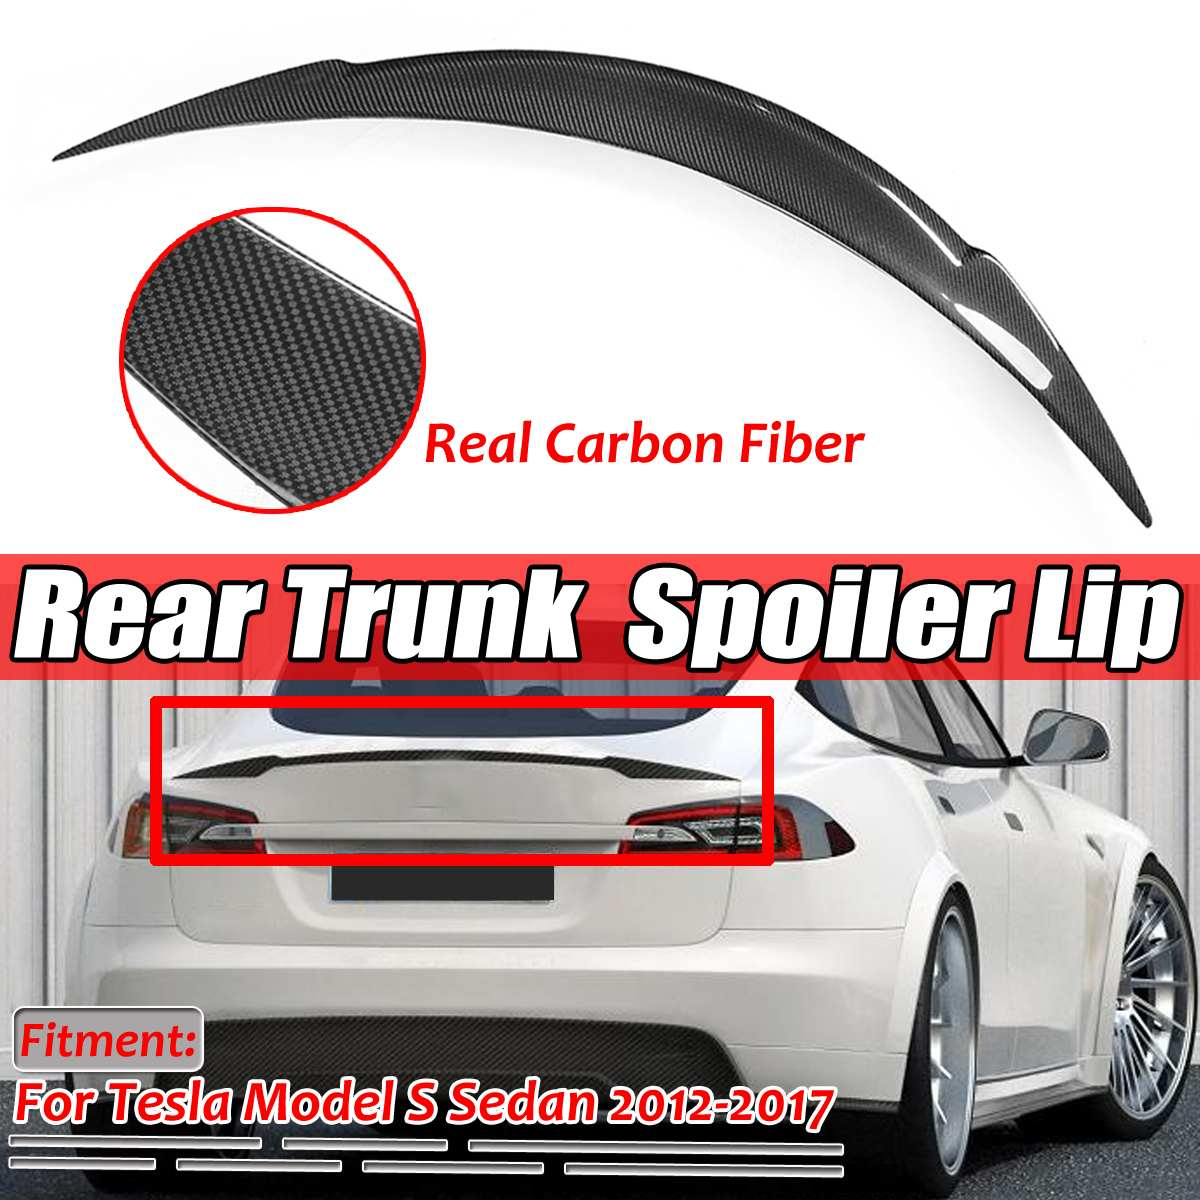 Nowy prawdziwy samochód z włókna węglowego tylny spojler na górne drzwi bagażnika Spoiler skrzydło wargi duże dla Tesla Model S Sedan 2012-2019 spojler skrzydłowy